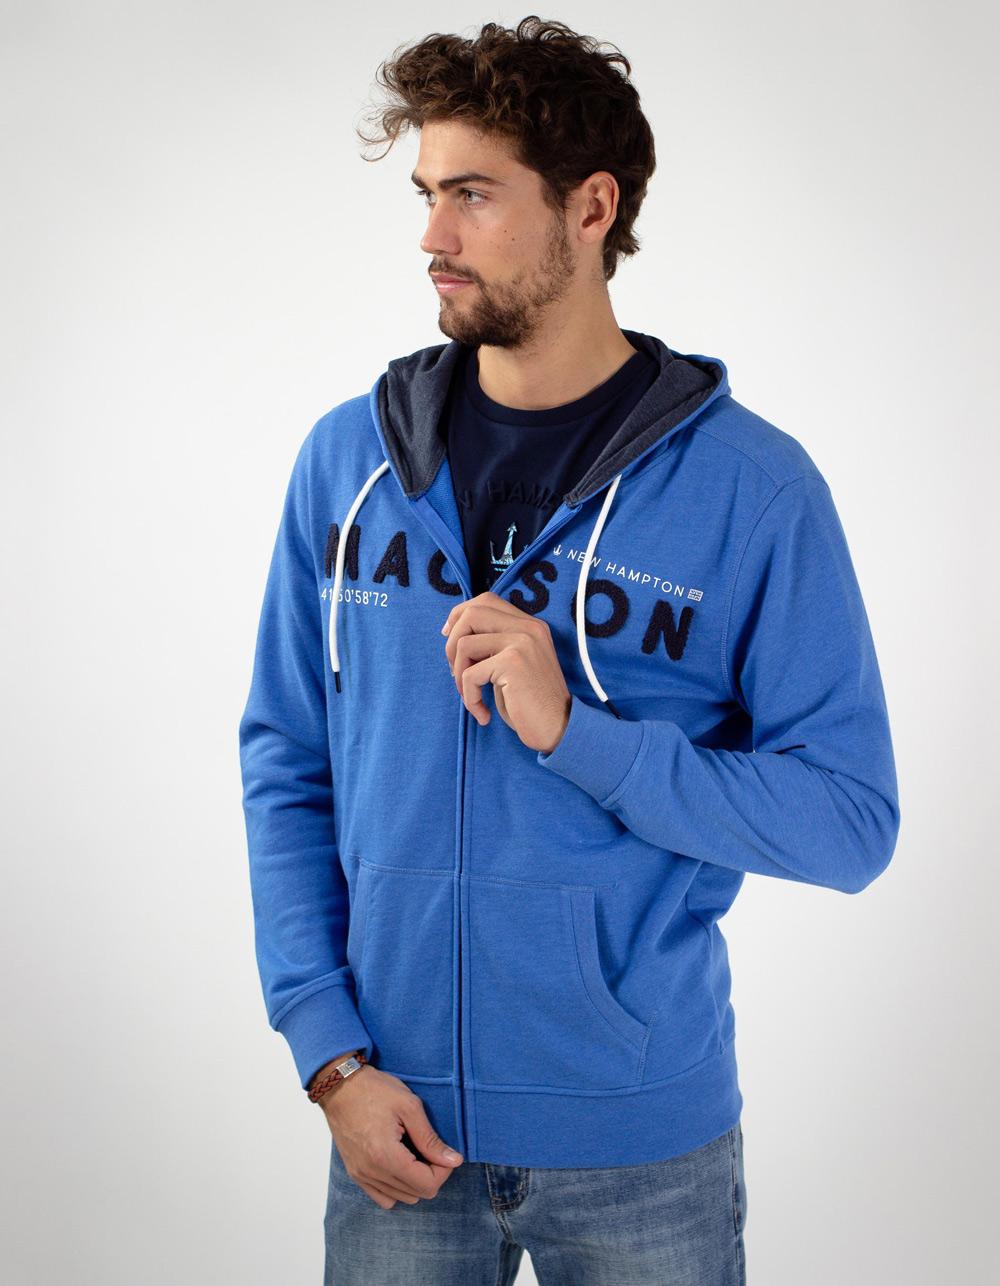 c5cfd5a27941 Jerseys para hombre | Comprar jerseys online en MACSON